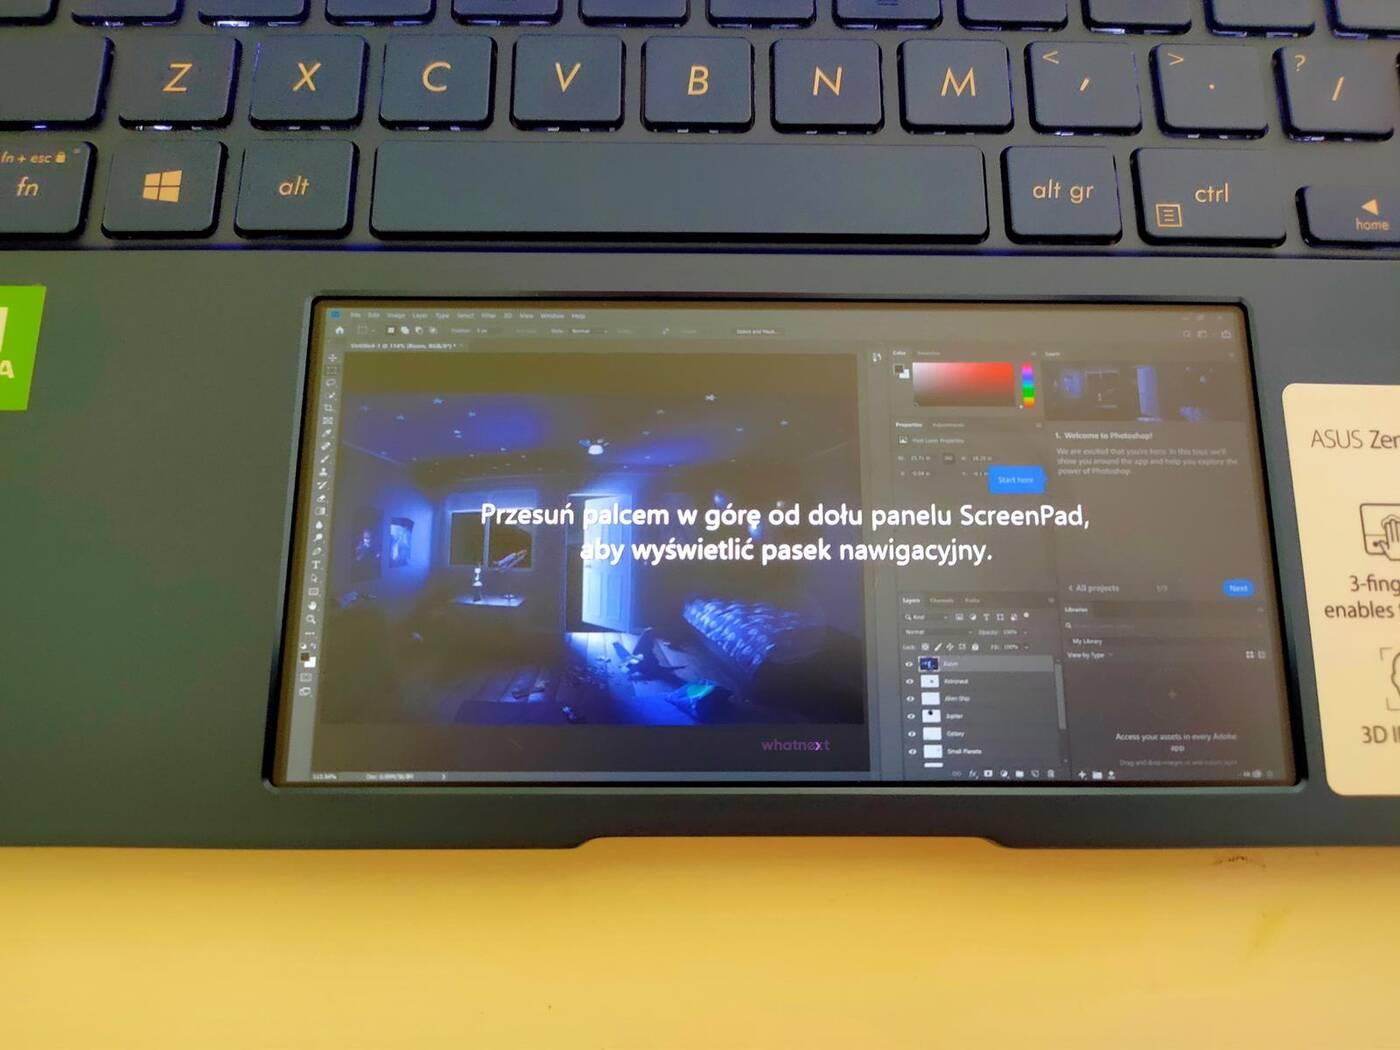 test ASUS ZenBook 14 UX434F, recenzja ASUS ZenBook 14 UX434F, review ASUS ZenBook 14 UX434F, opinia ASUS ZenBook 14 UX434F wydajność ASUS ZenBook 14 UX434F